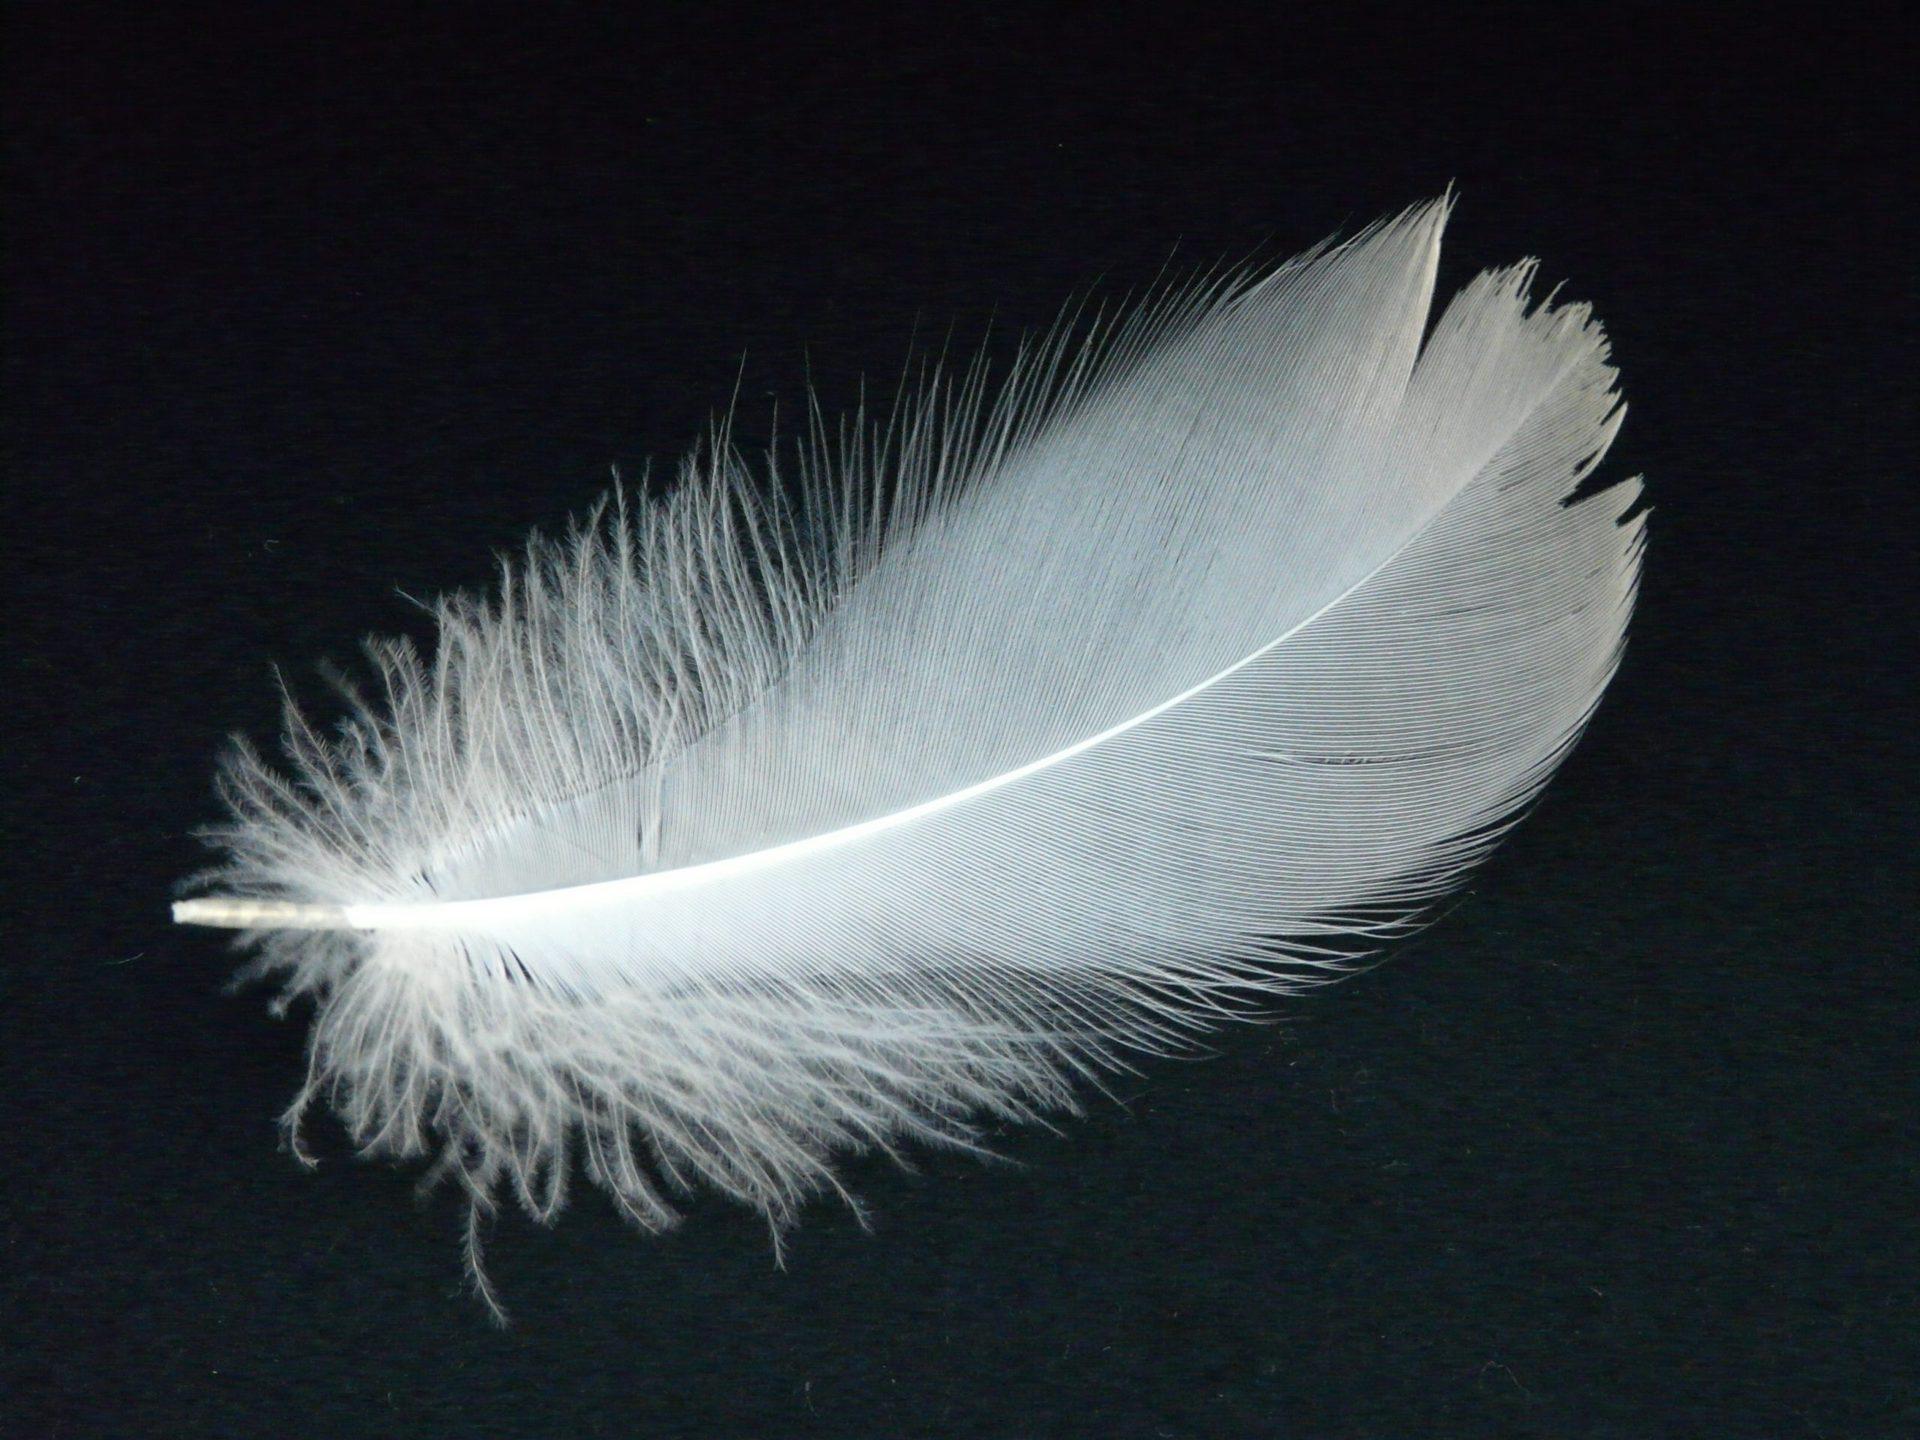 перо птицы белое на черном фоне